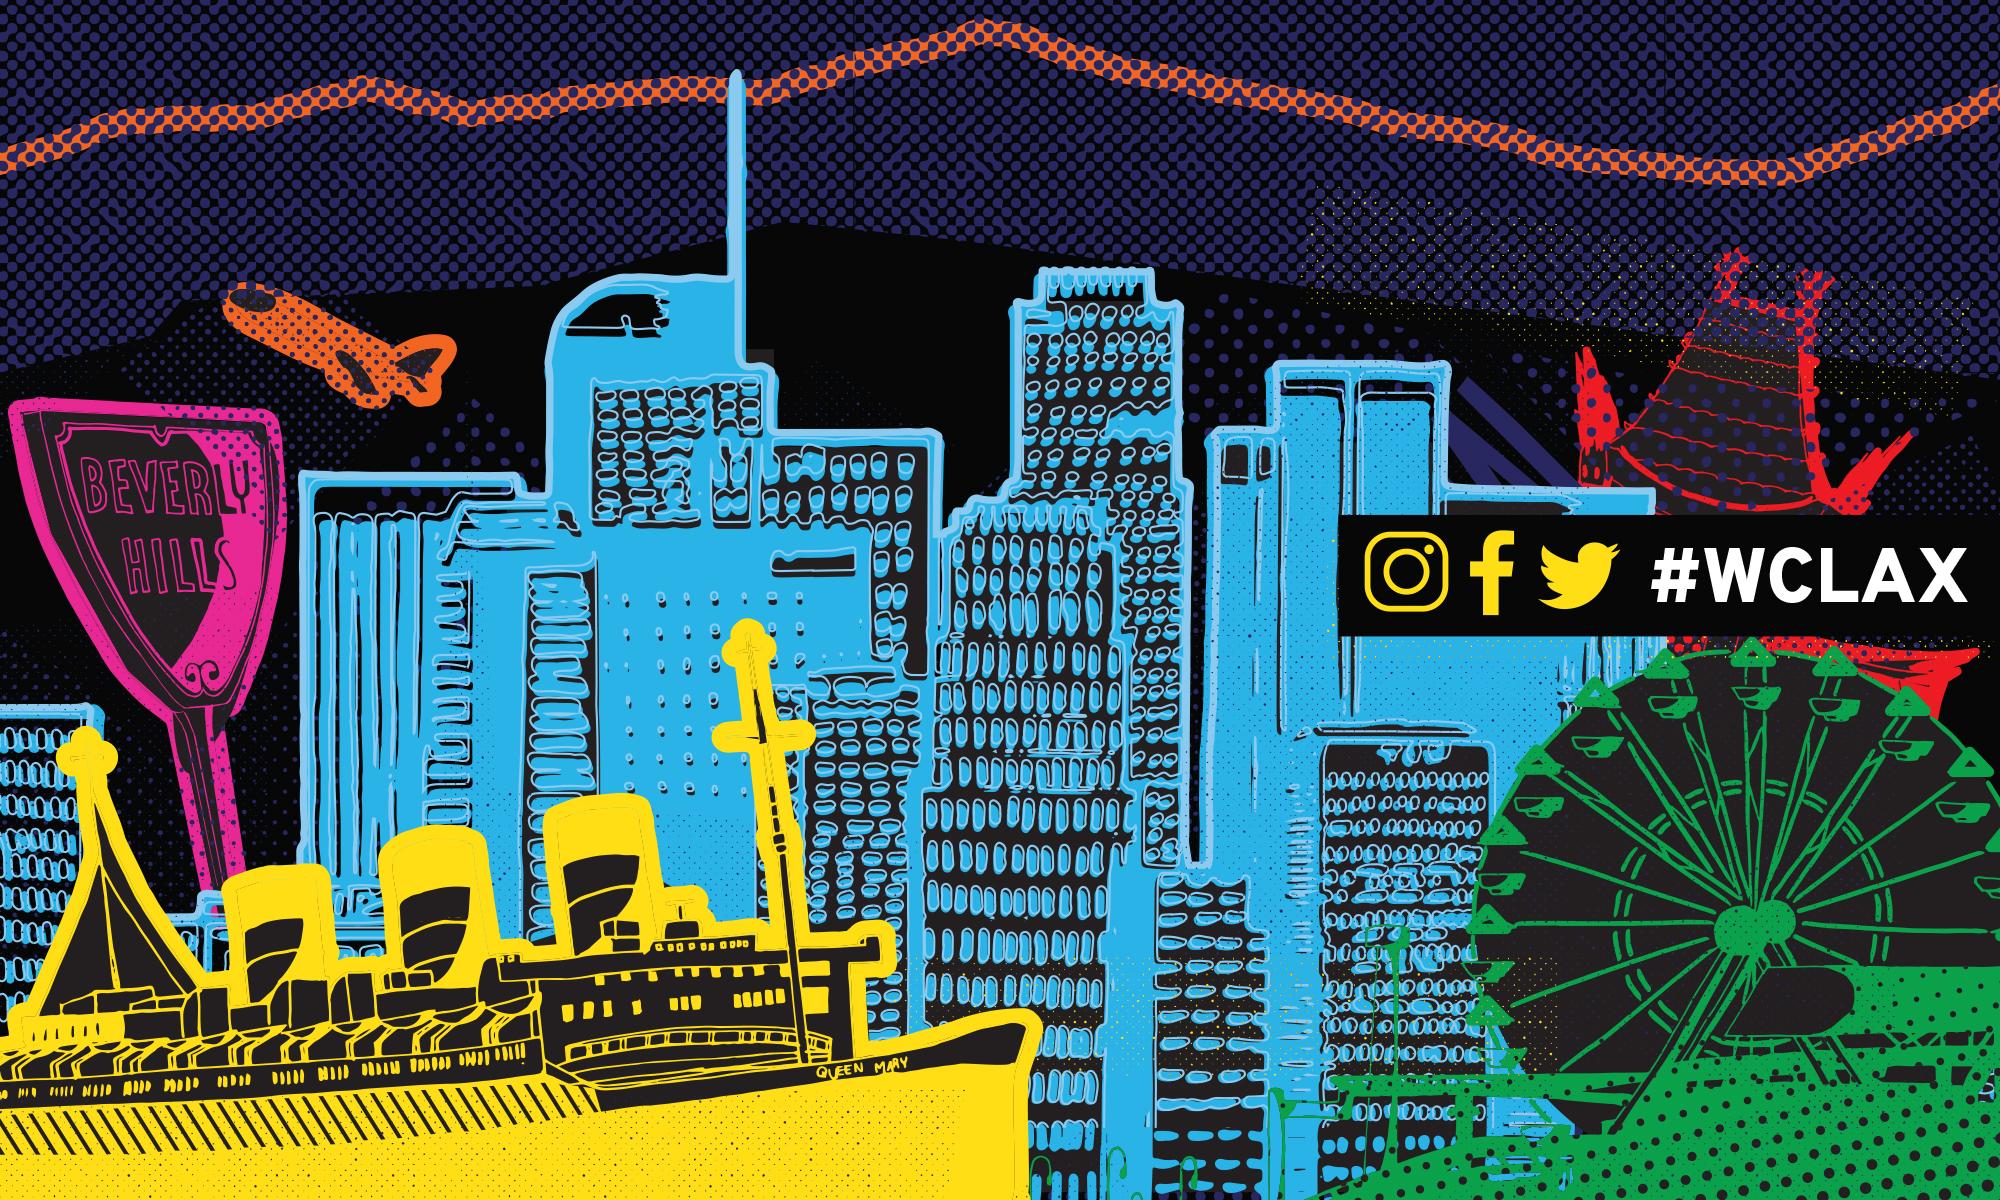 WordCamp Los Angeles 2018 – September 21 – 23, 2018 | #WCLAX2018